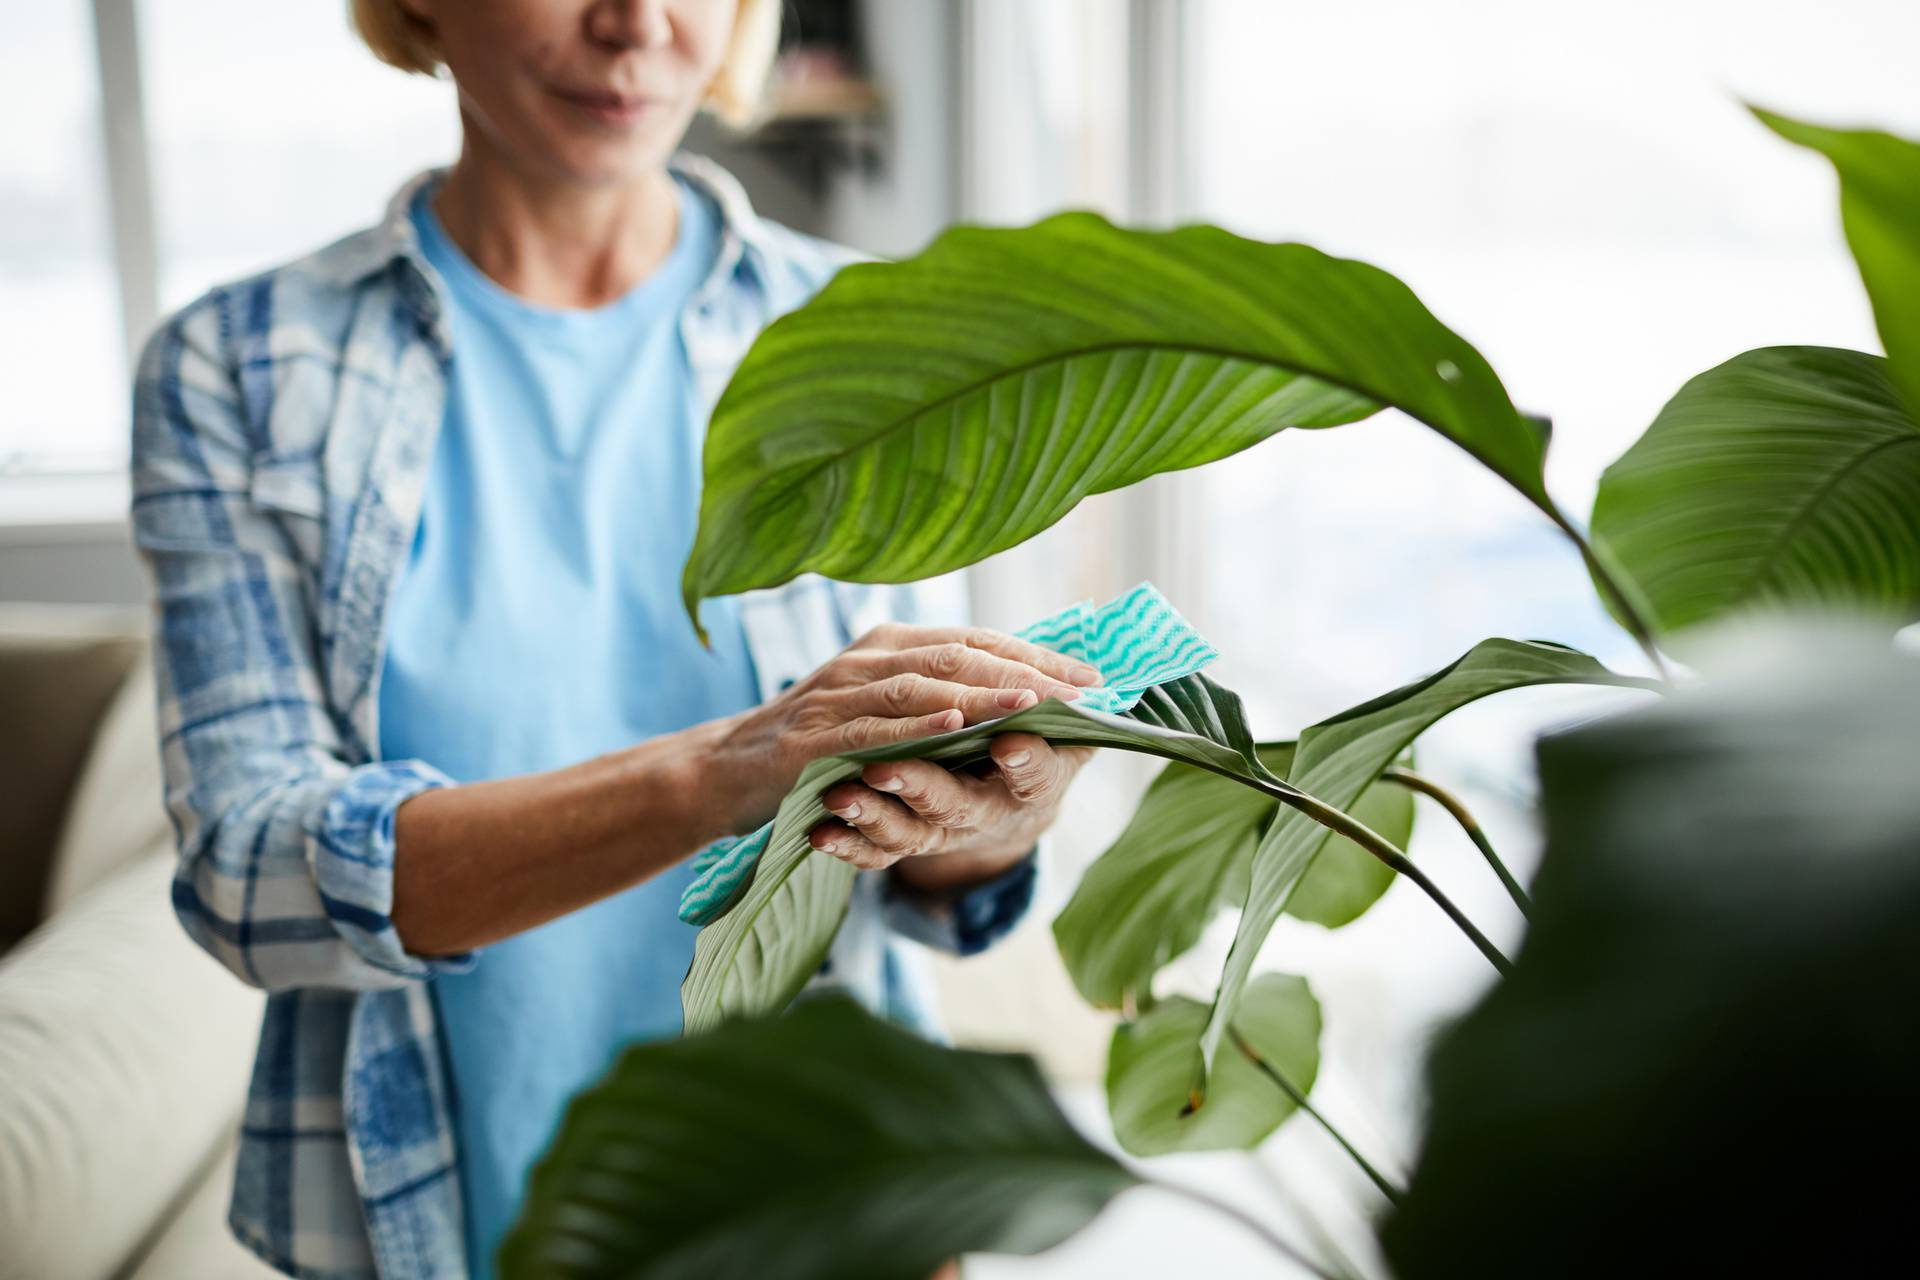 Što se dogodilo vašoj biljci? Saznajte i reagirajte na vrijeme